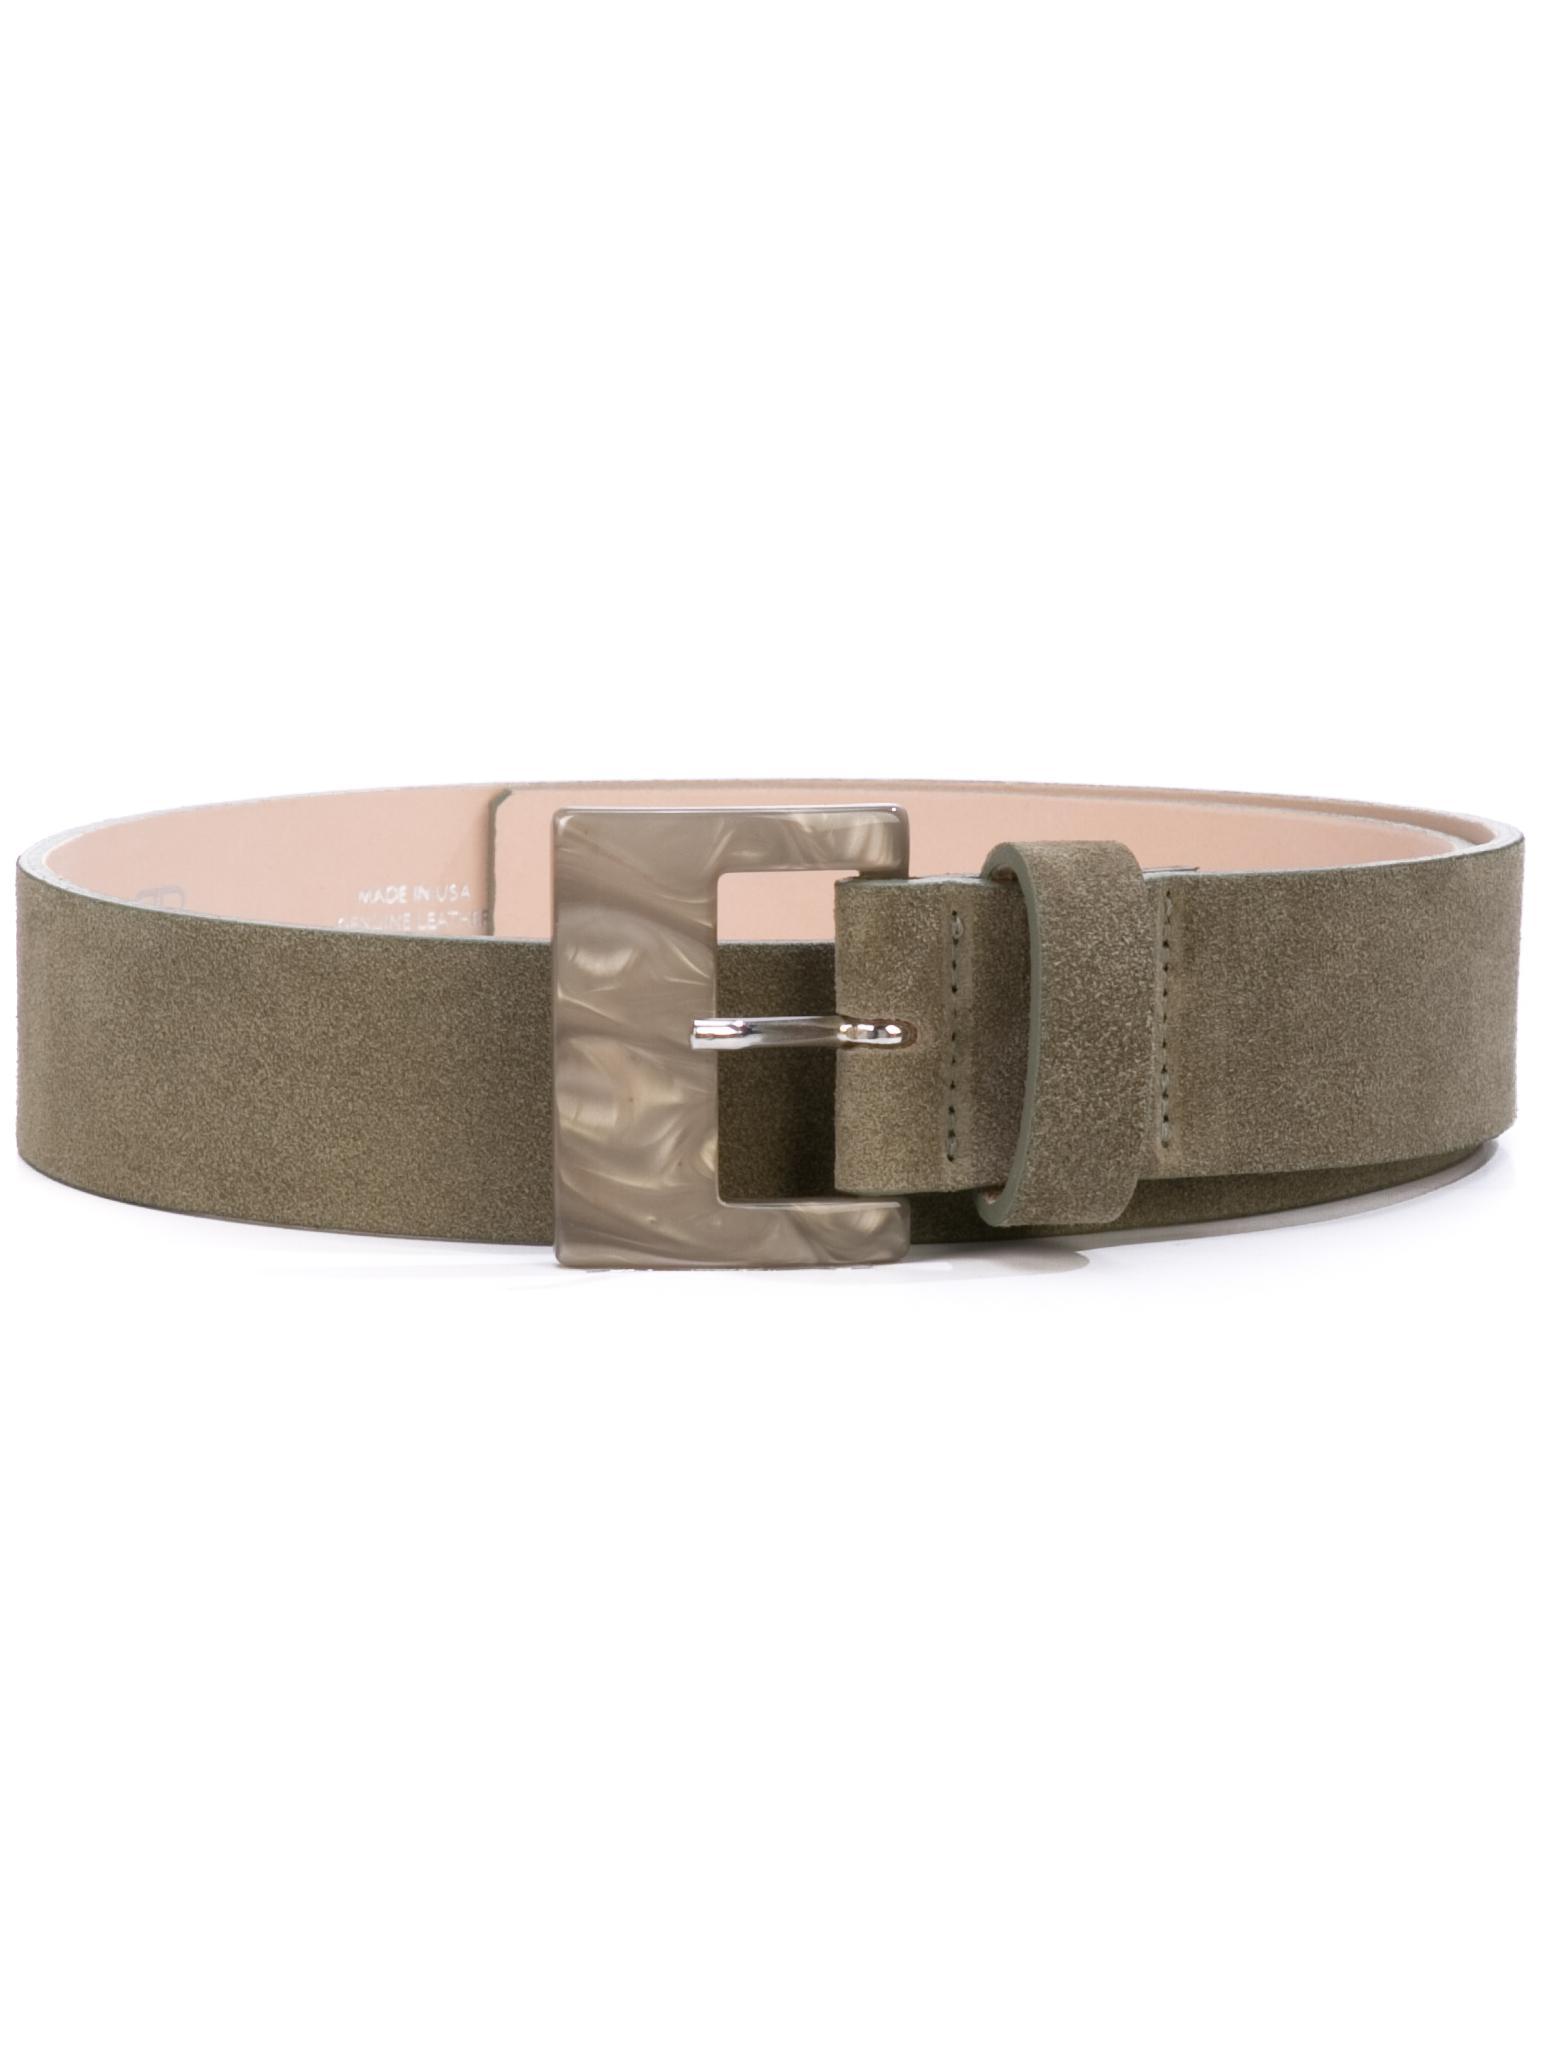 Stassi Suede Waist Belt